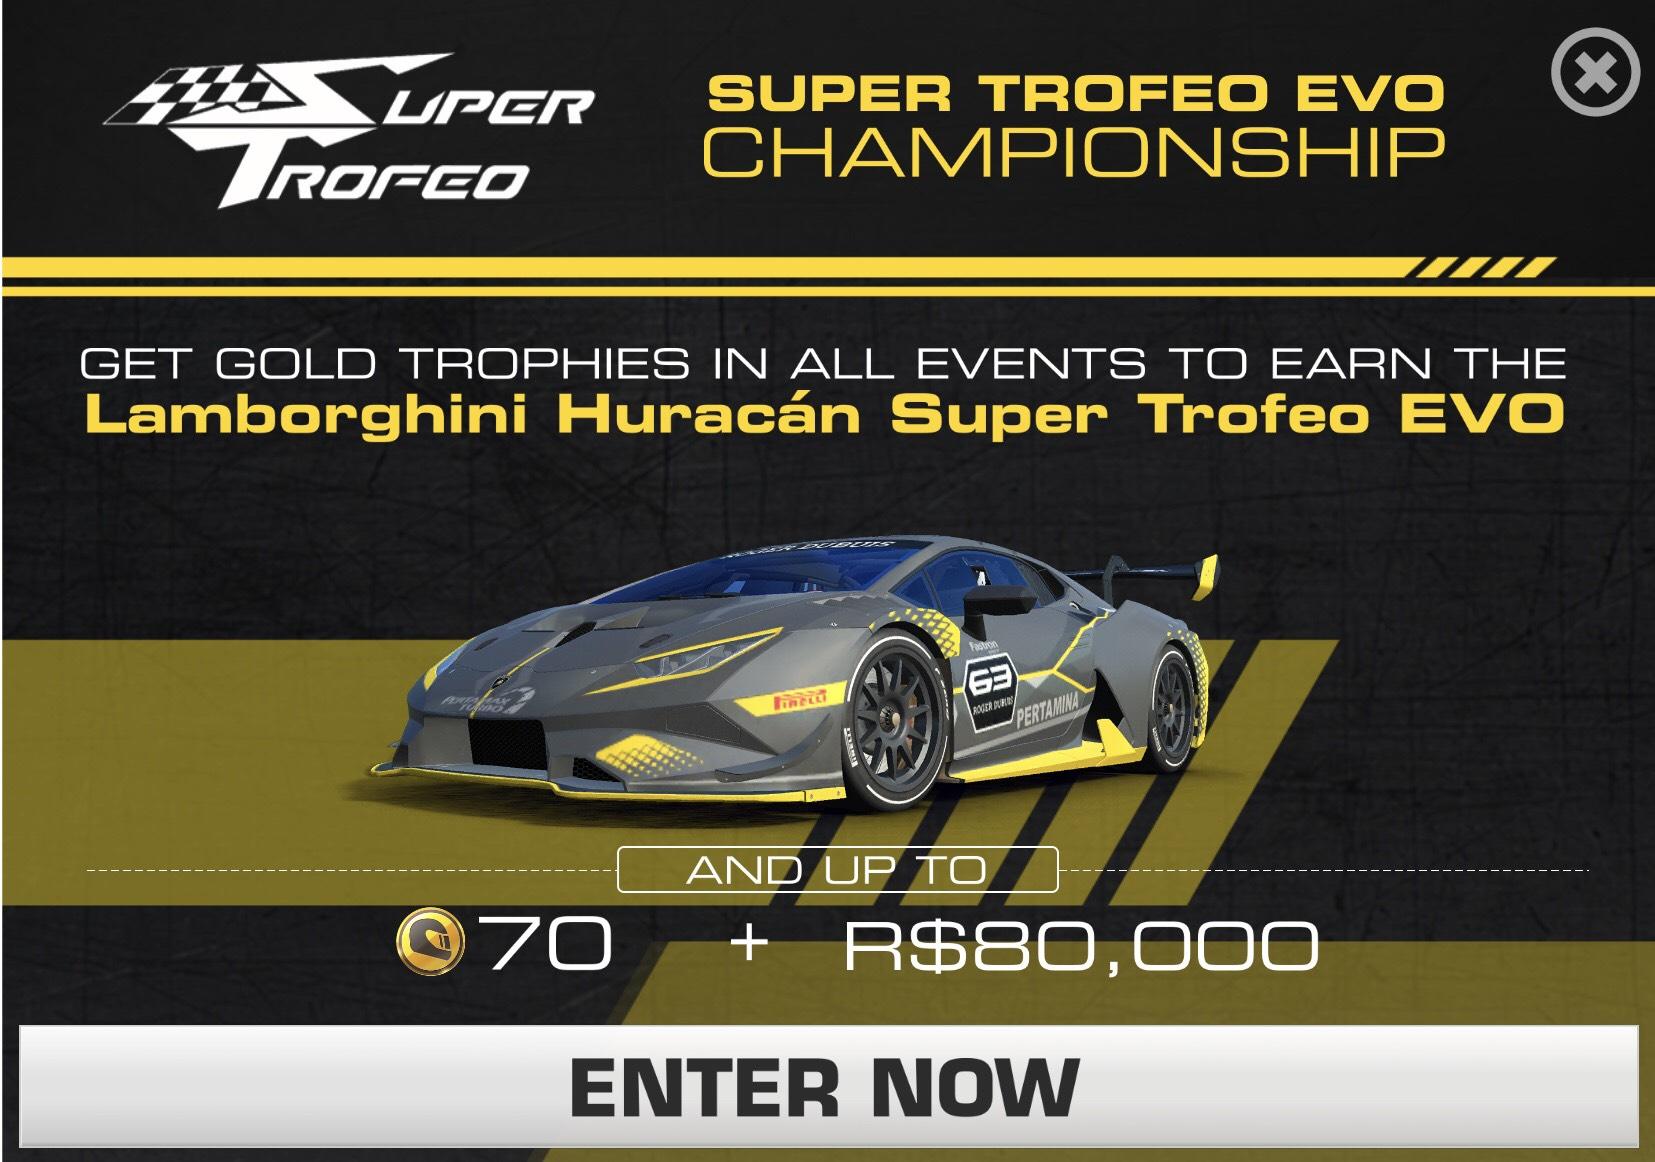 Lamborghini Huracán Super Trofeo EVO Championship